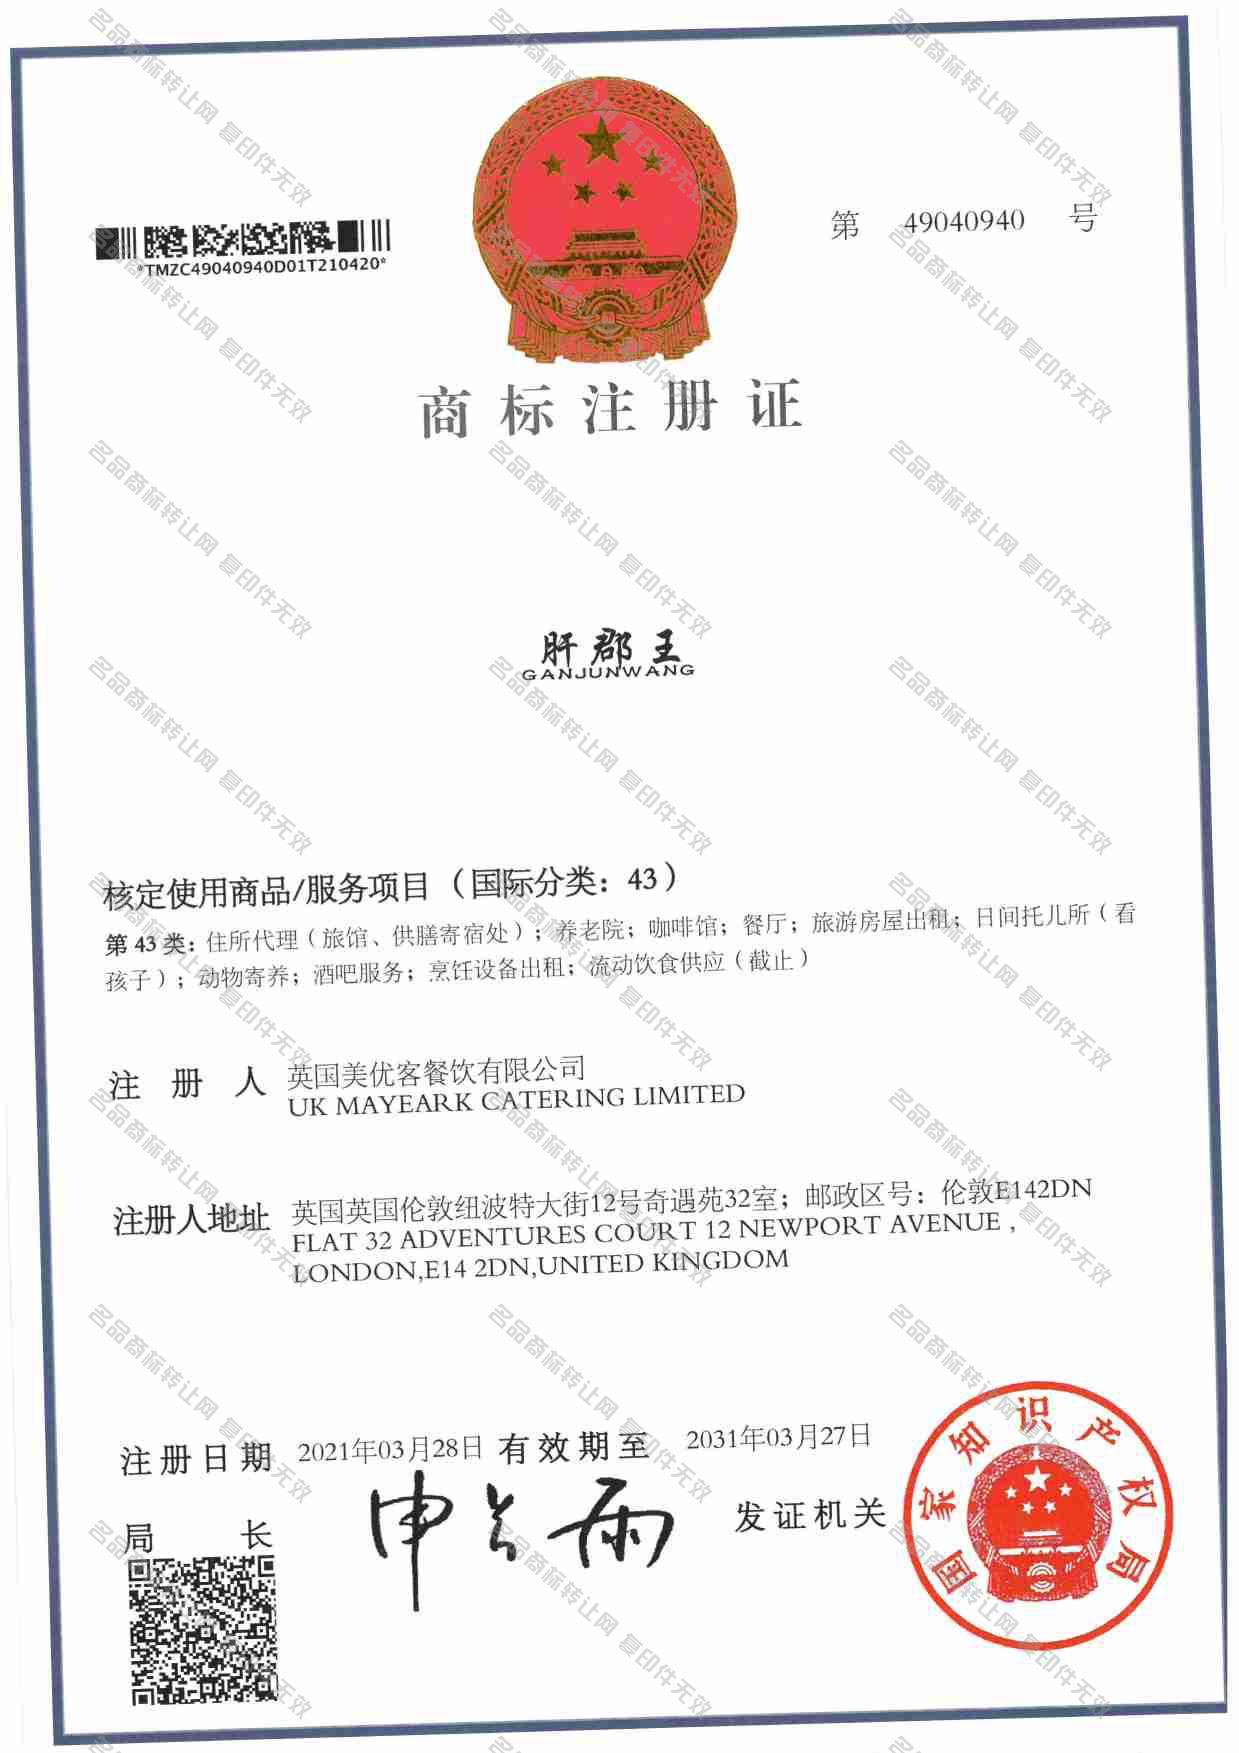 肝郡王注册证